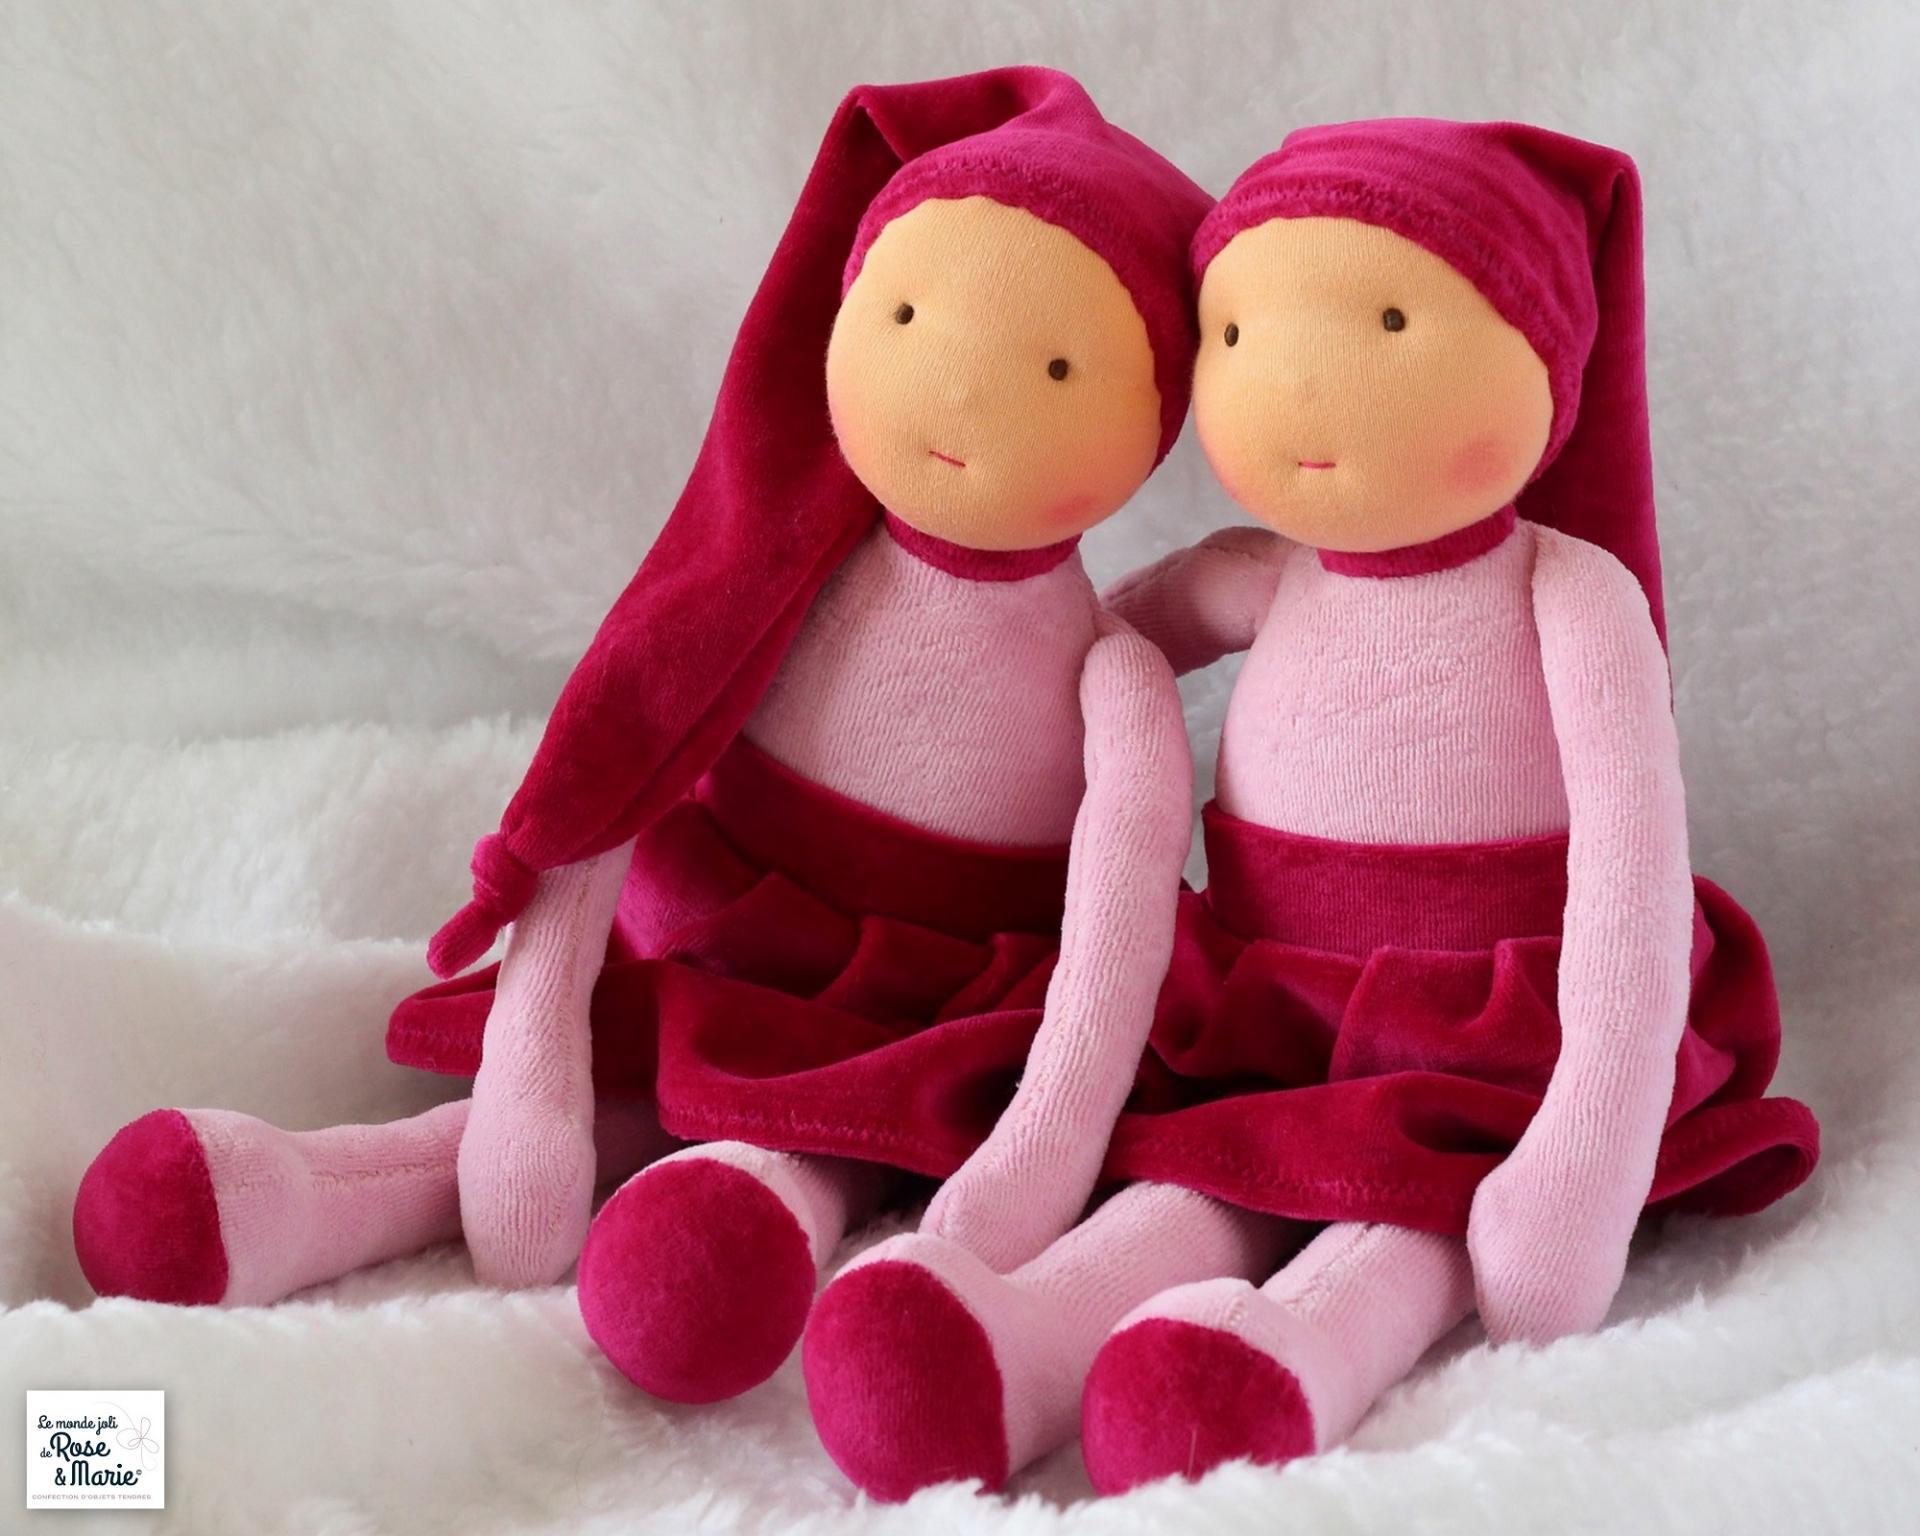 Poupees le monde joli de rose et marie 1